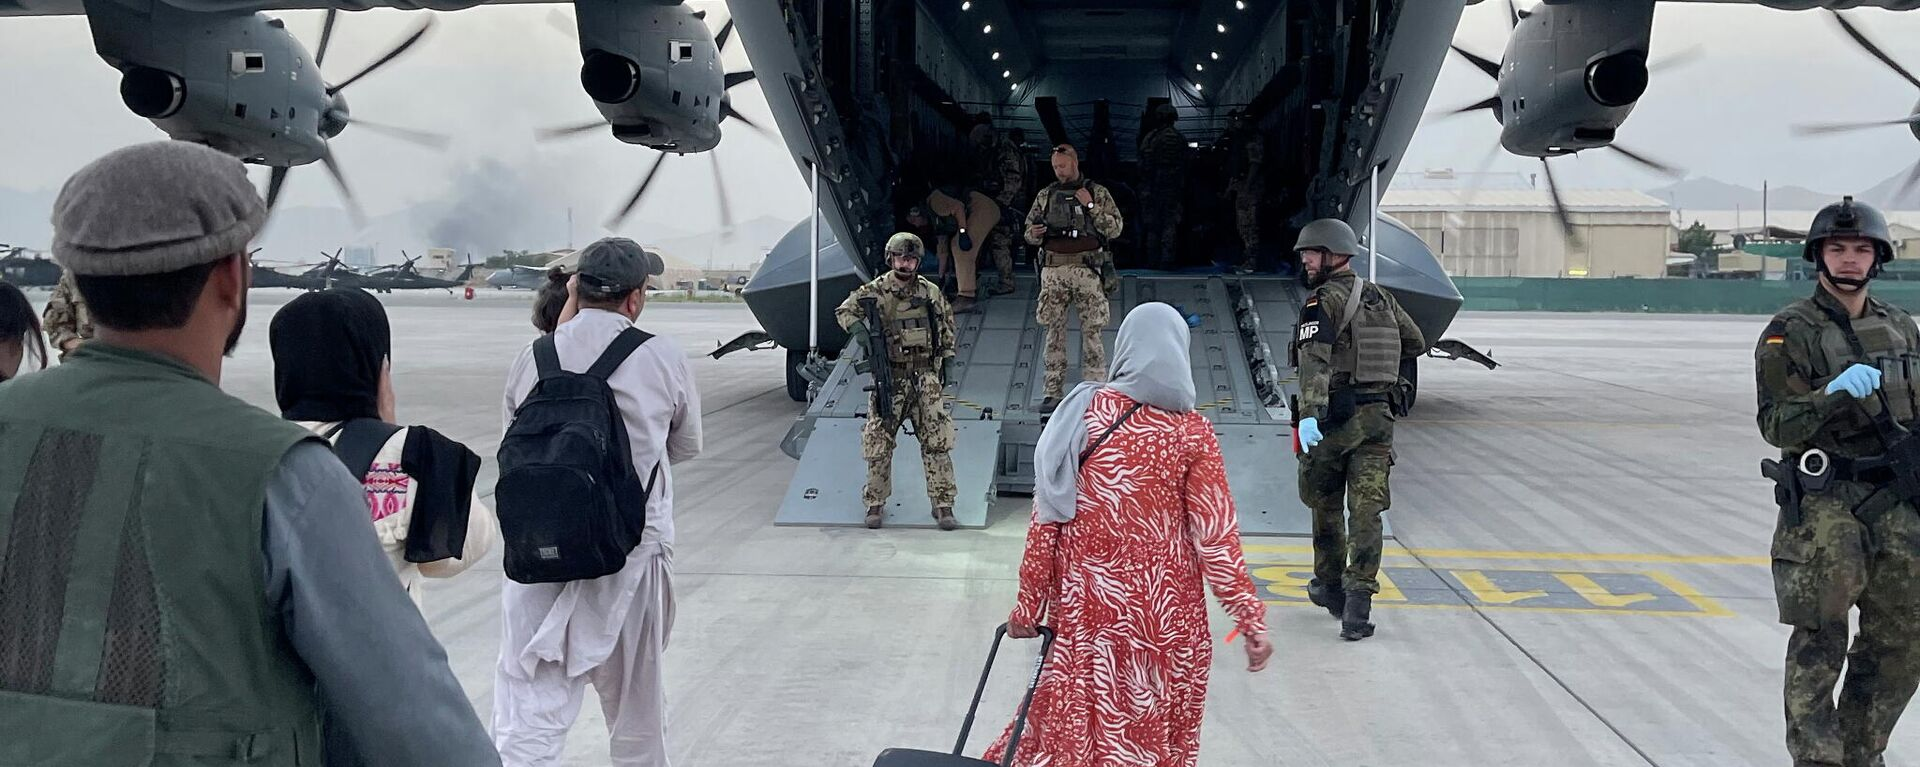 Bundeswehr fliegt Schutzbedürftige aus Kabul aus - SNA, 1920, 21.08.2021